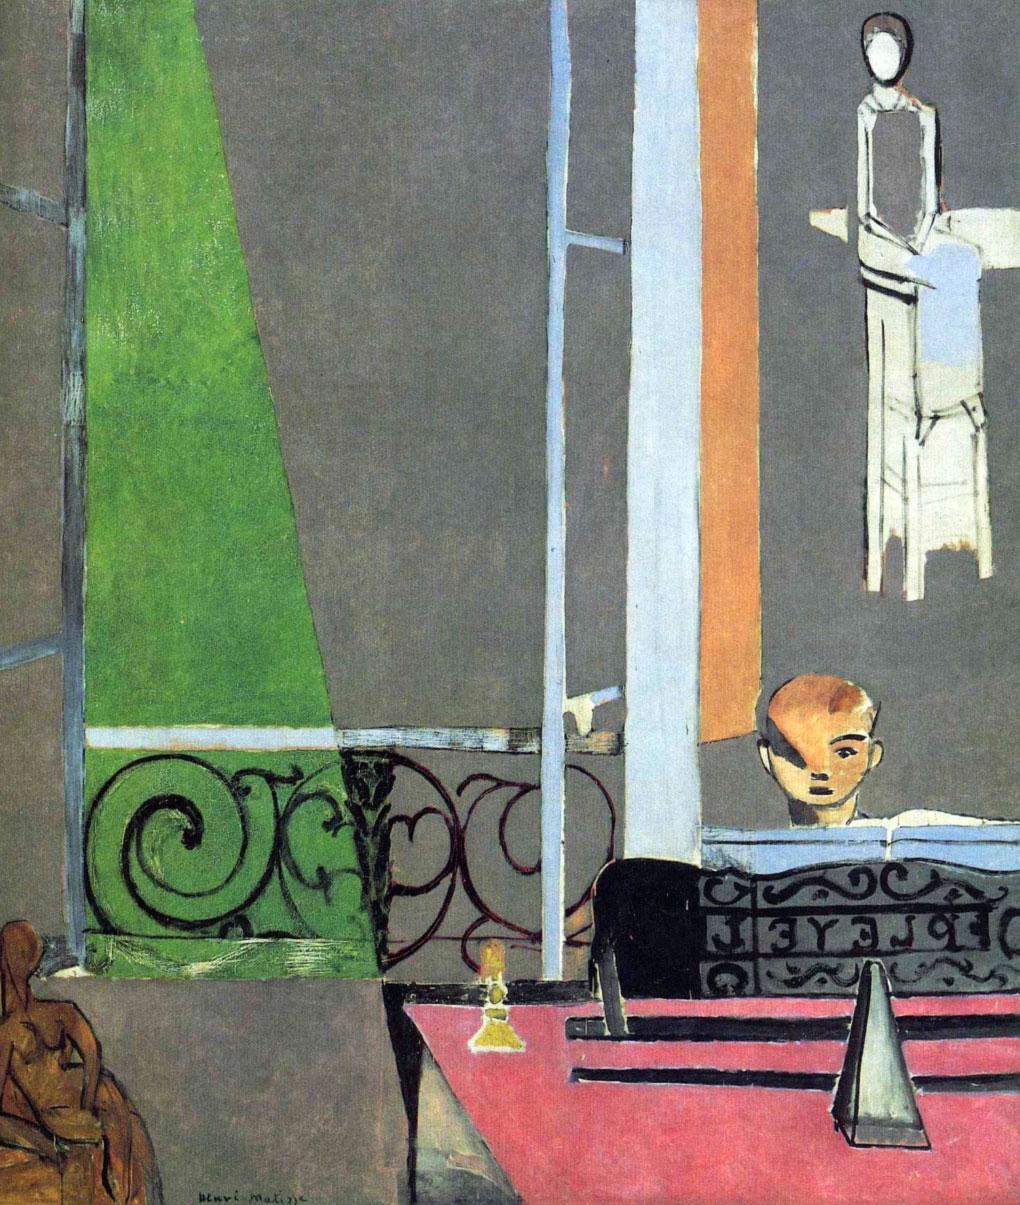 Lezione di piano - Piano lesson - La Leçon de piano - Matisse